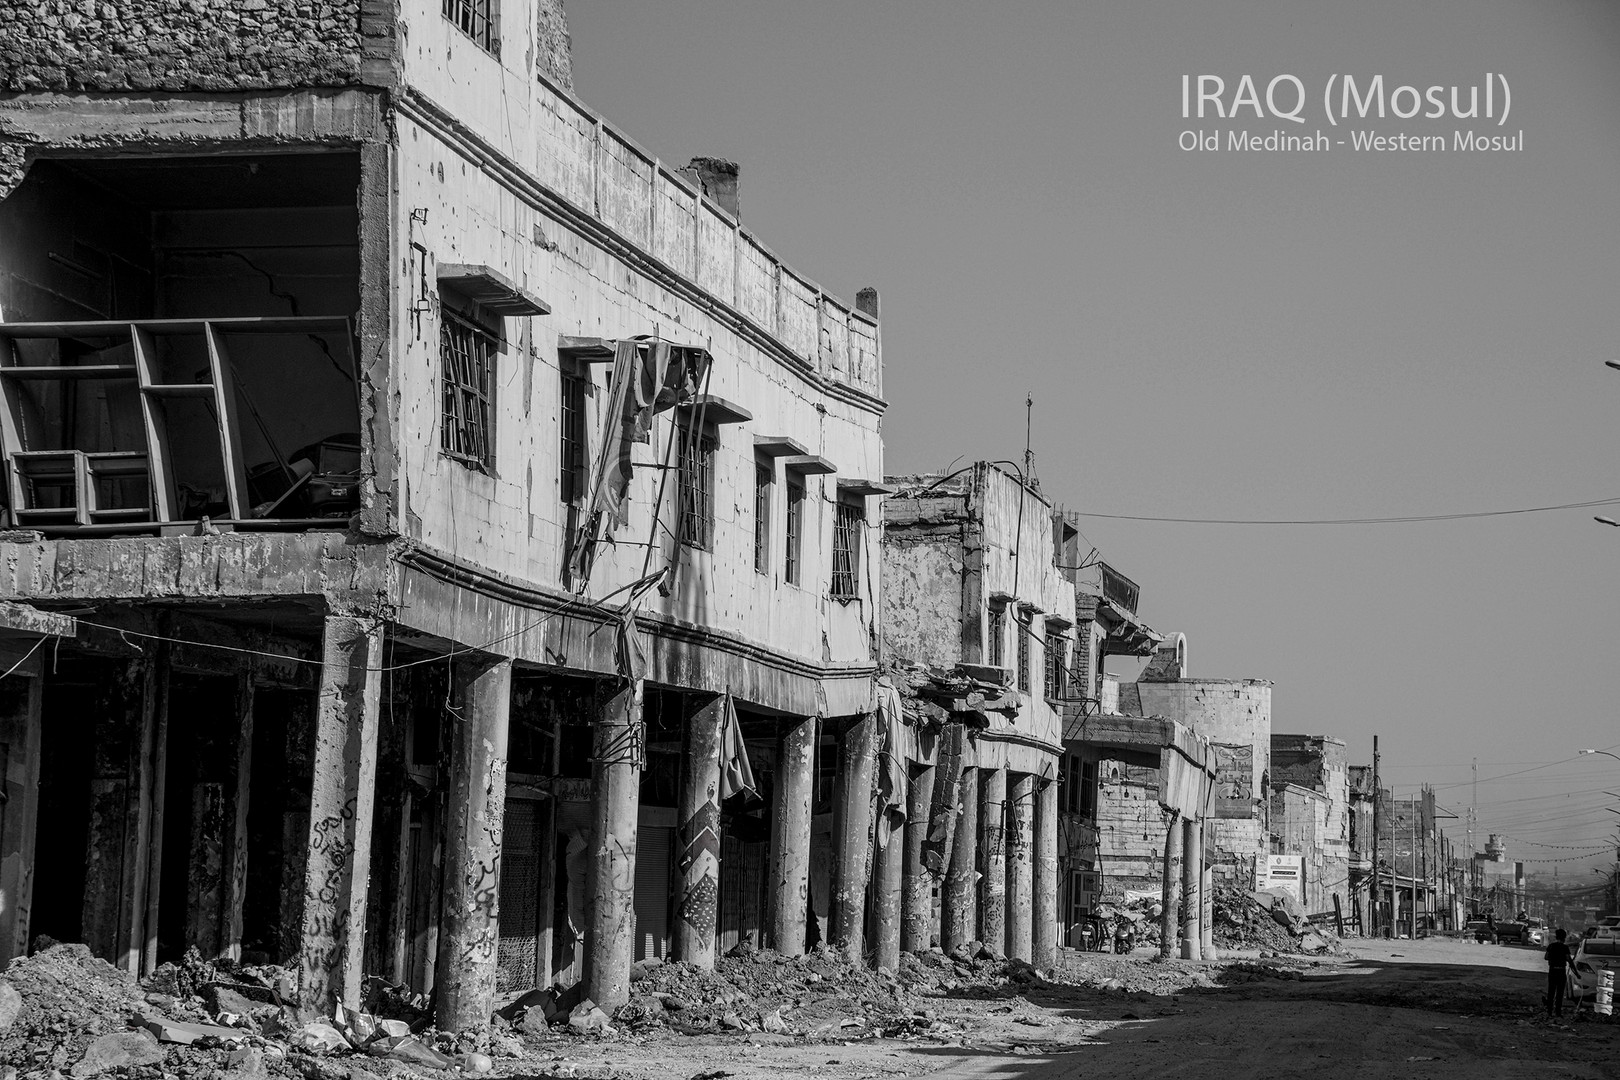 2019-07-22 Iraq - Mosul 37 (POW) 452A800